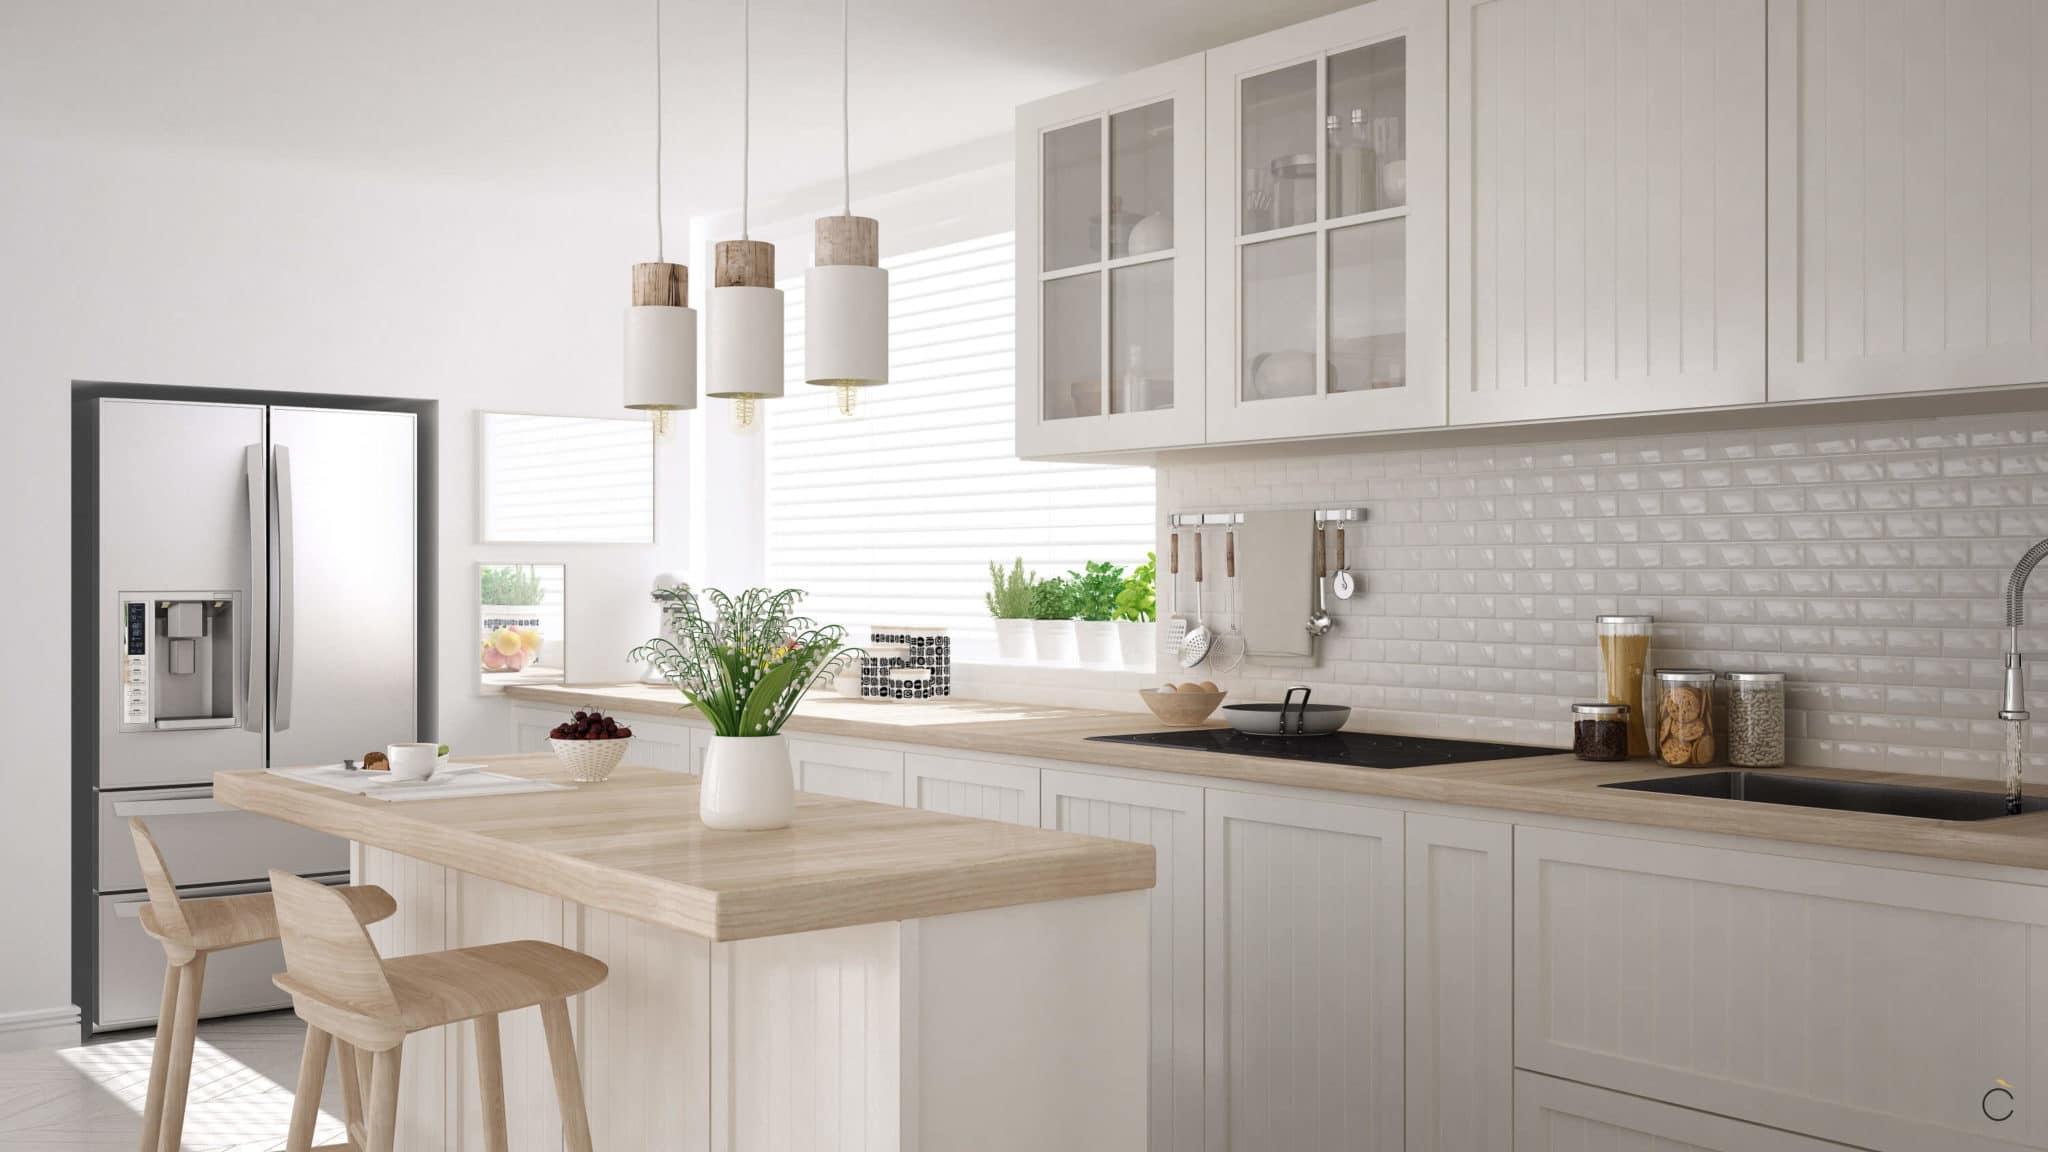 Cocinas de madera ventajas y desventajas grupo coeco for Ideas decorativas para cocinas pequenas